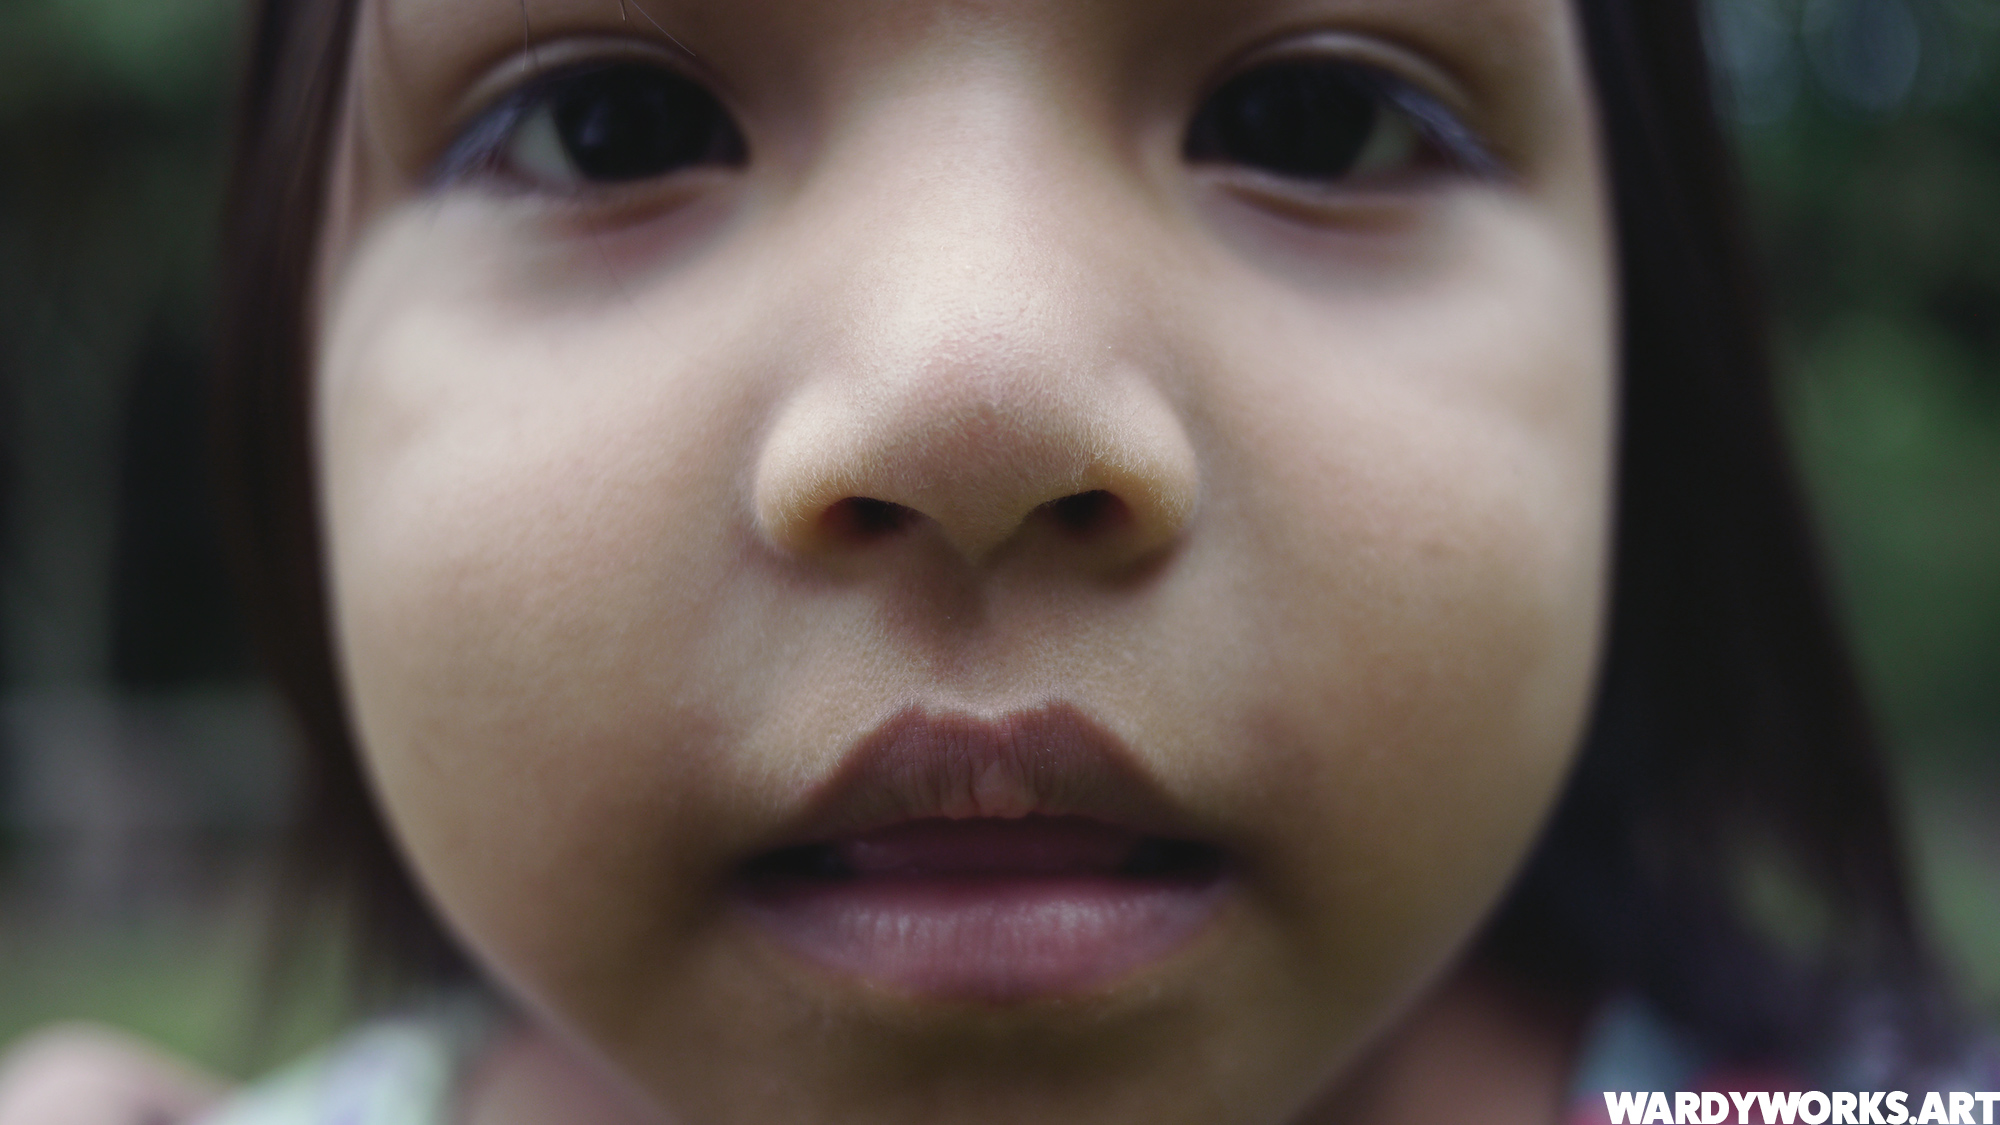 Wardyworks_Santiago-Kid1.jpg